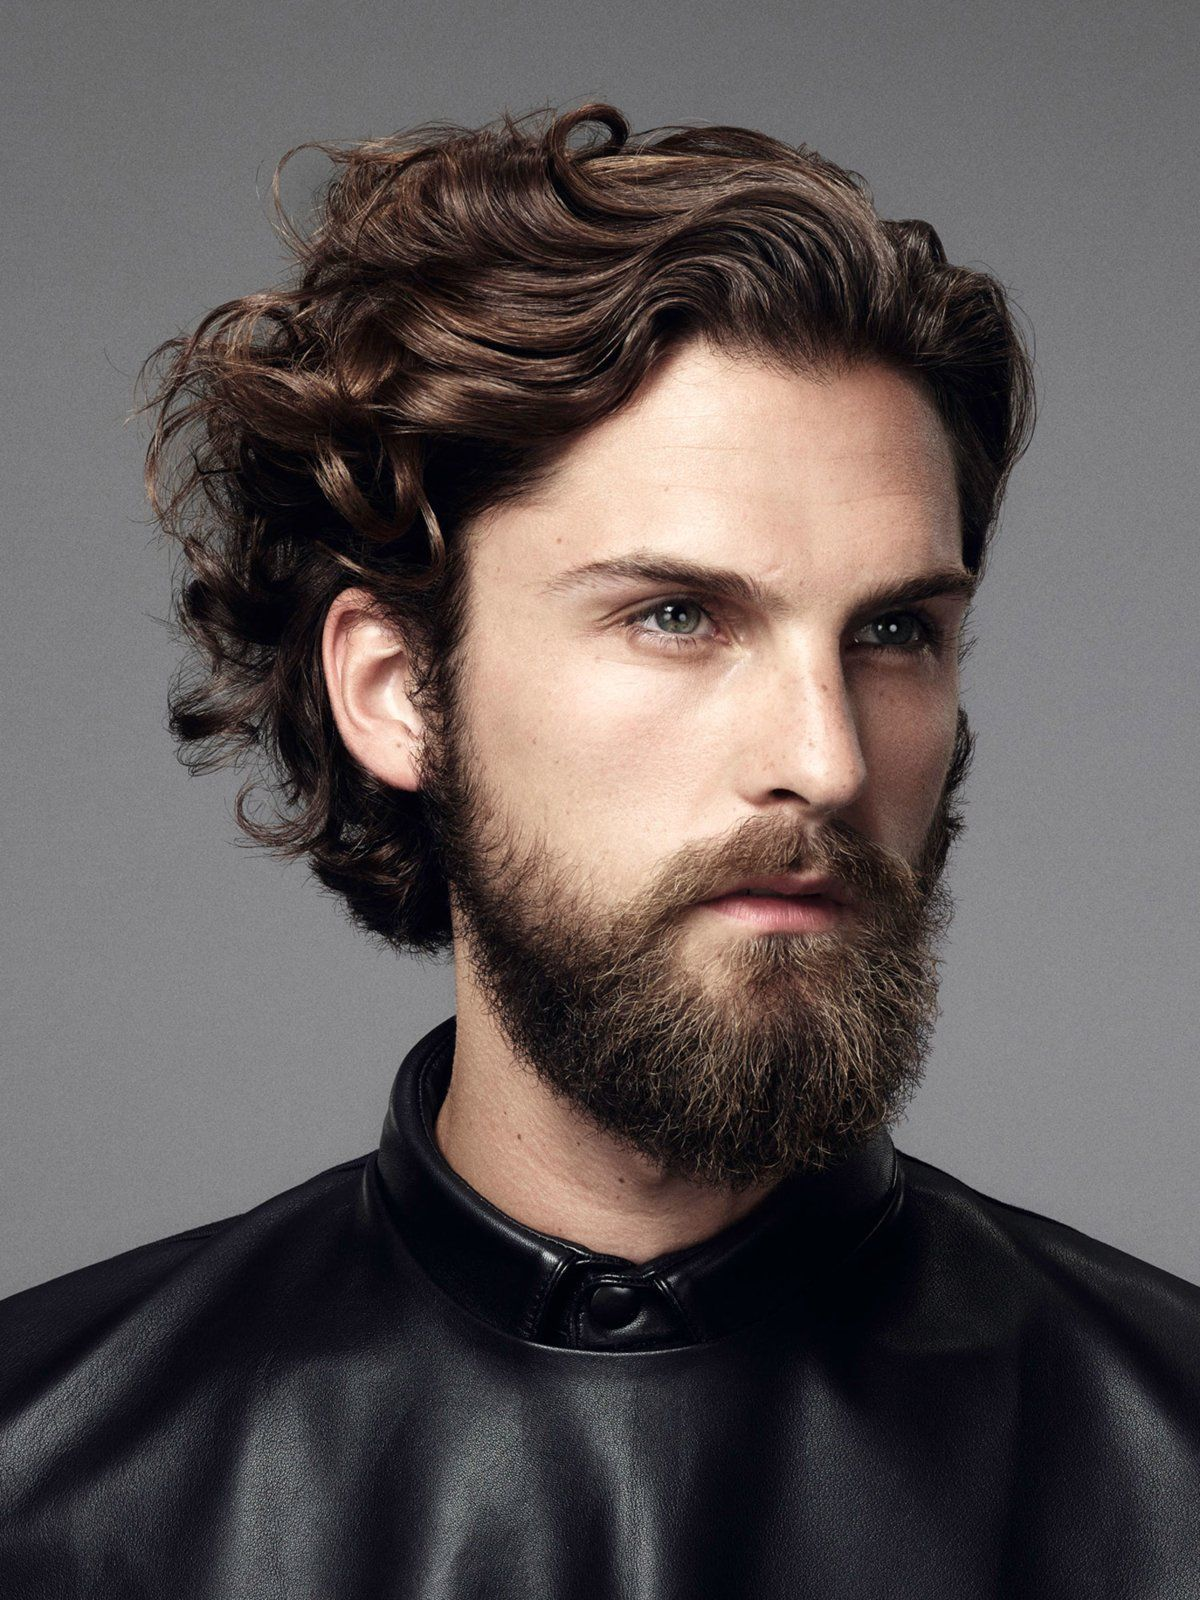 männerfrisur für lockiges haar | frisuren, lange haare